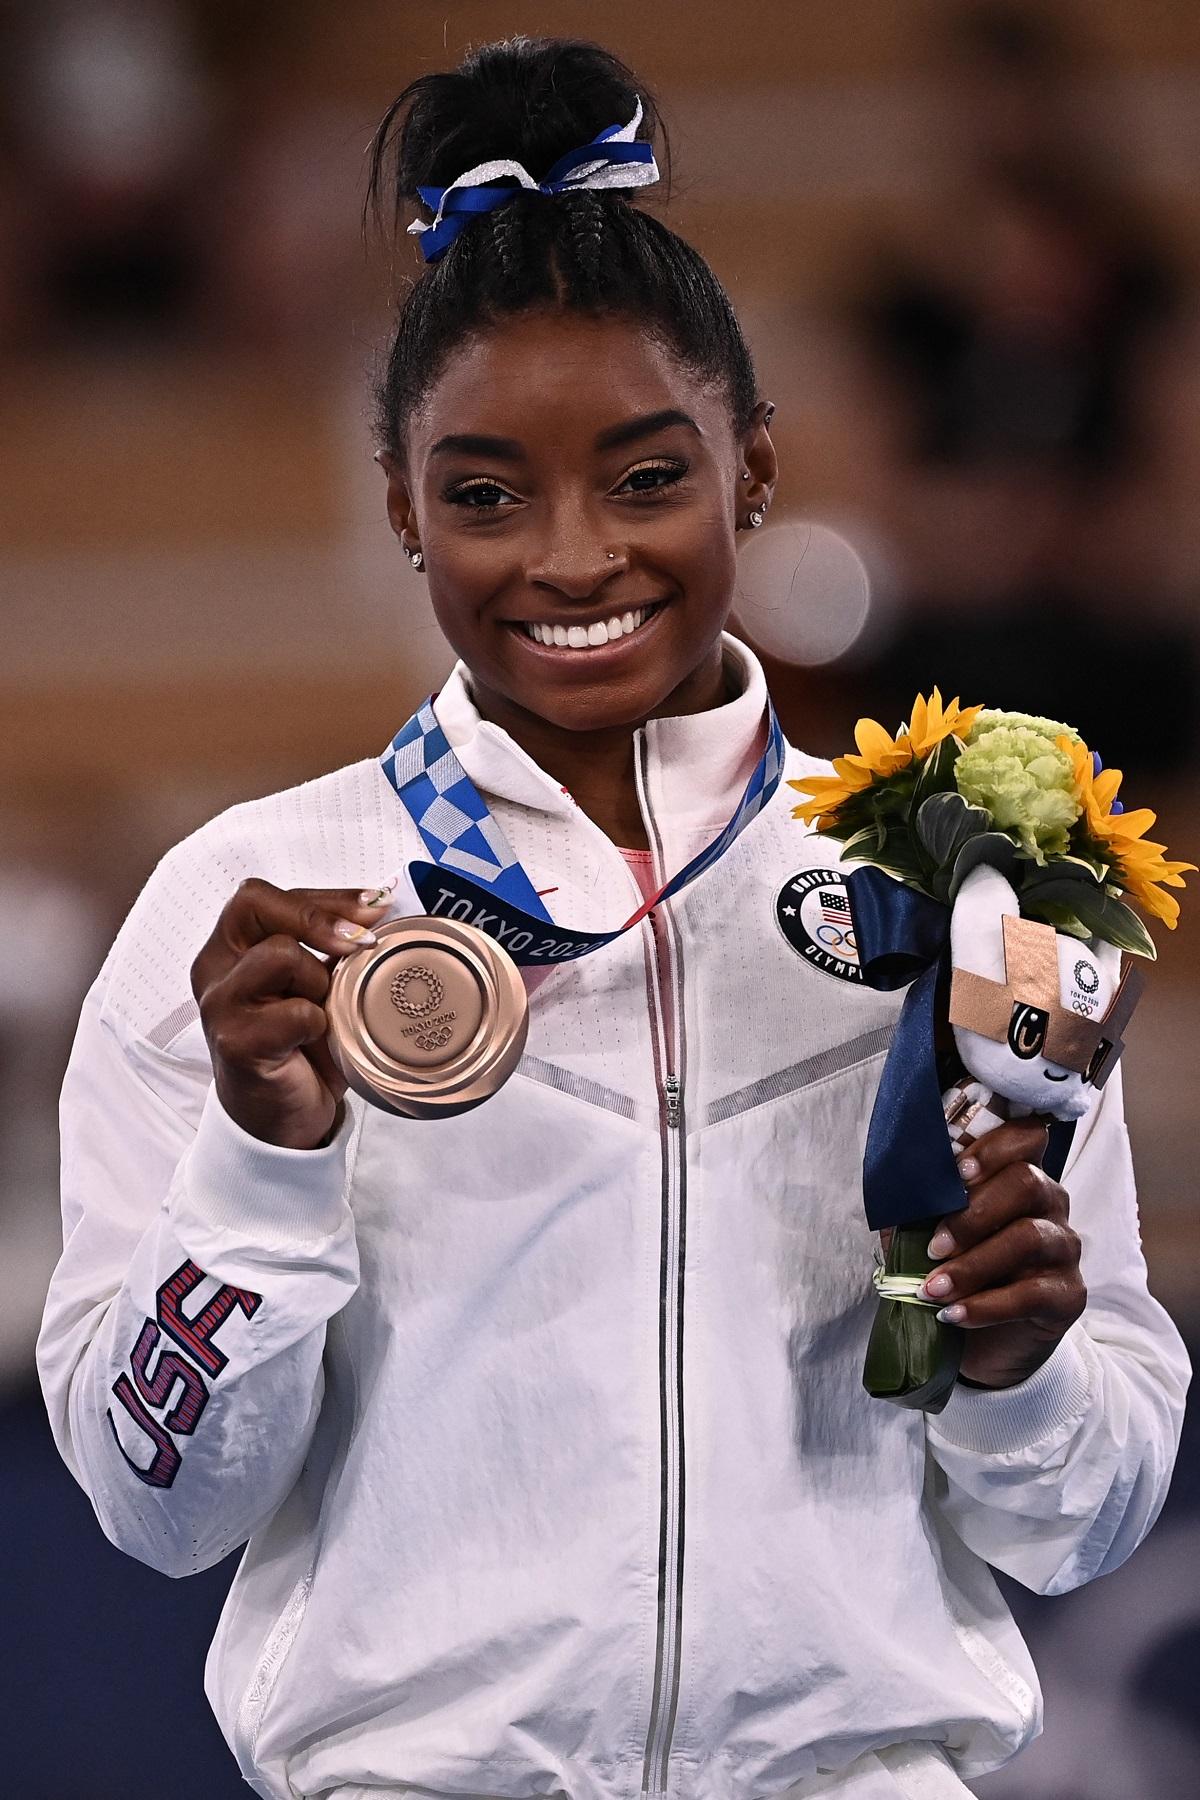 Simone Biles în timp ce poartă o bluză albă de treining și ține în mână un buchet de flori și o medalie de bronz la Jocurile Olimpice de la Tokyo